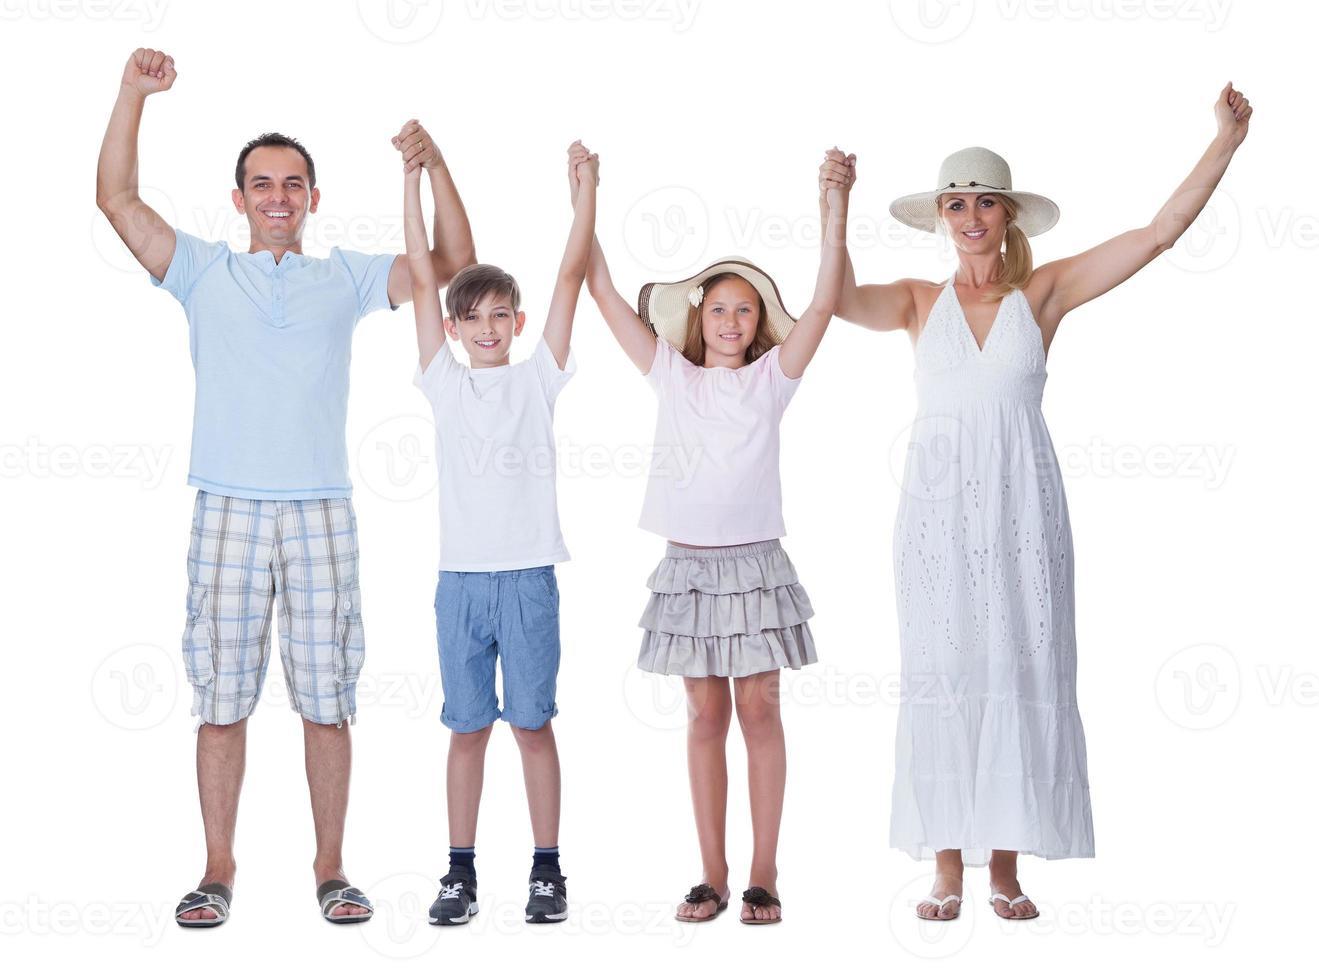 família feliz indo de férias foto